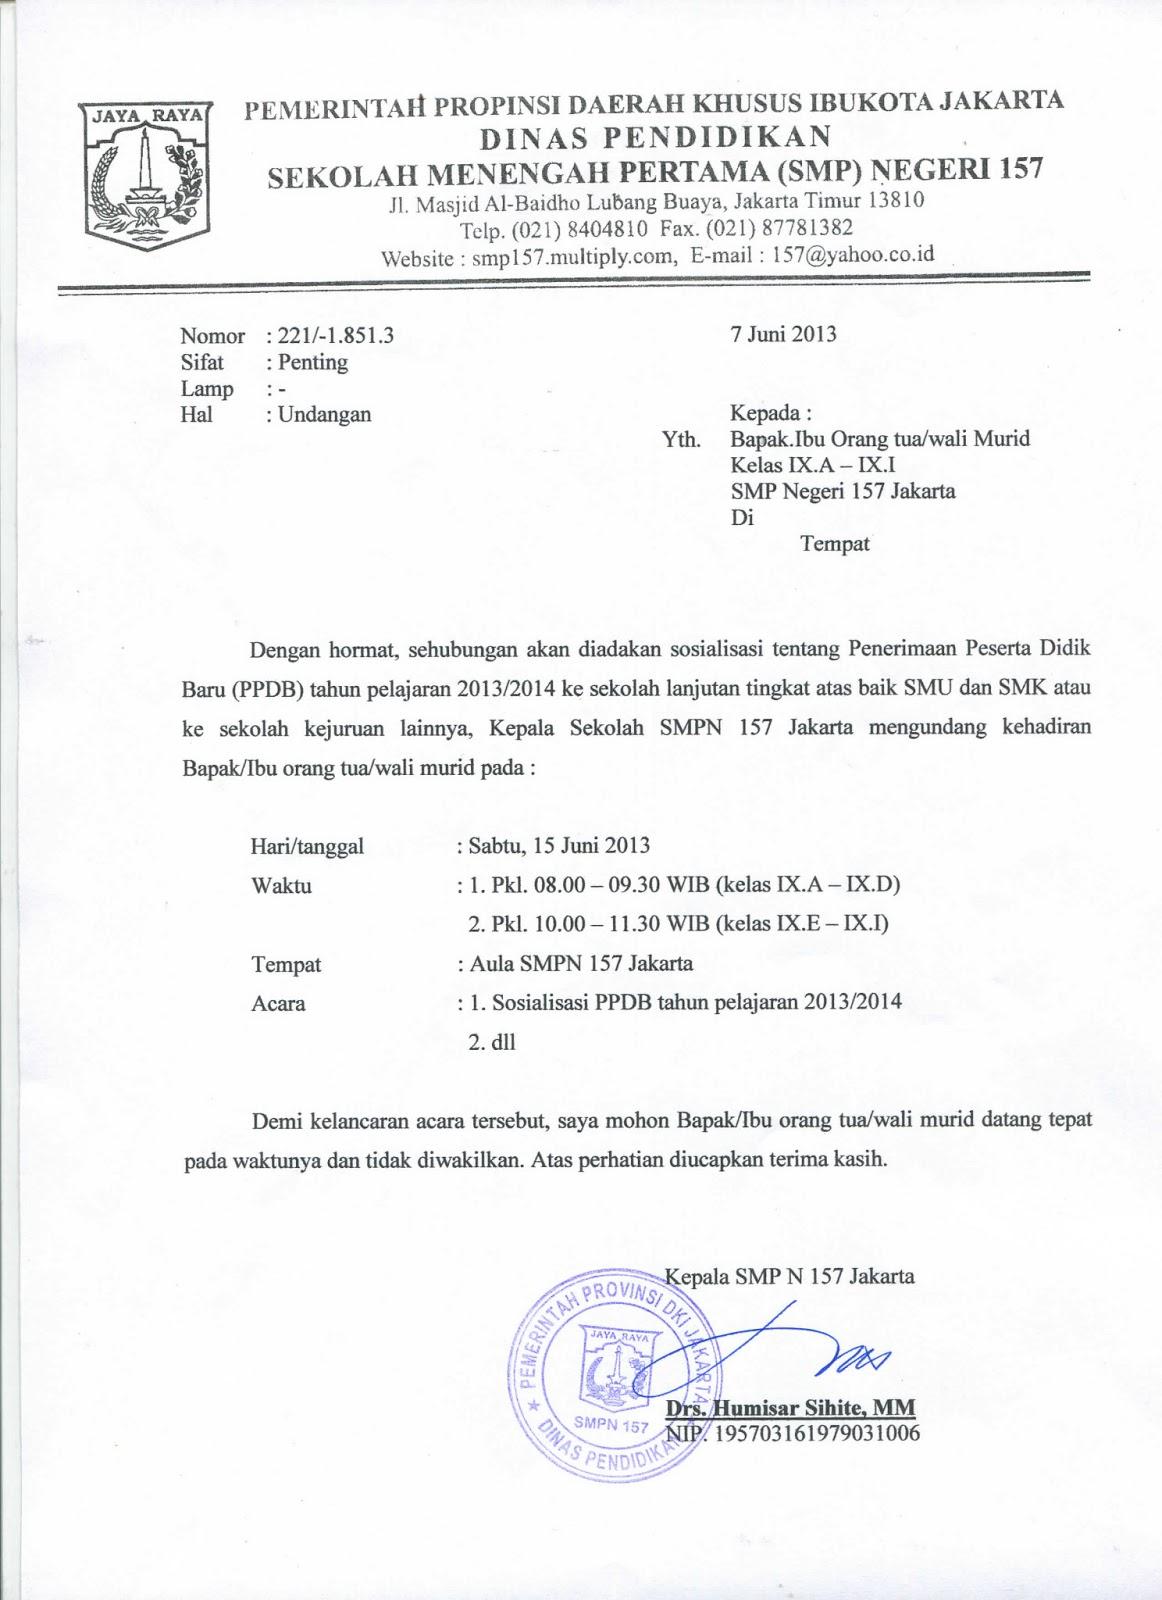 Contoh Surat Undangan Rapat Wali Murid Madrasah - Sample ...